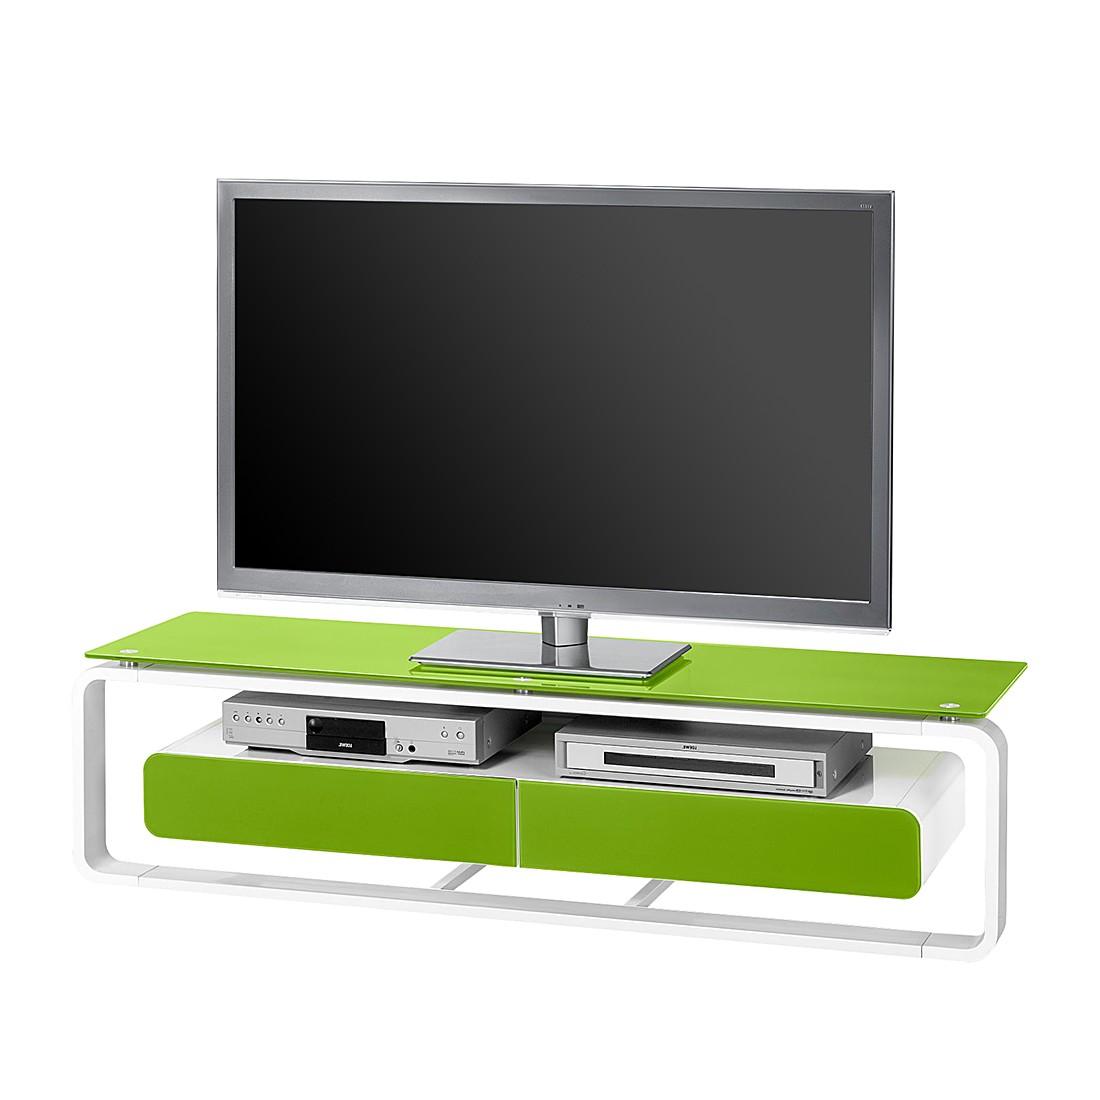 Supporto TV Shanon - Bianco / Vetro verde - 150 cm, Maja Möbel